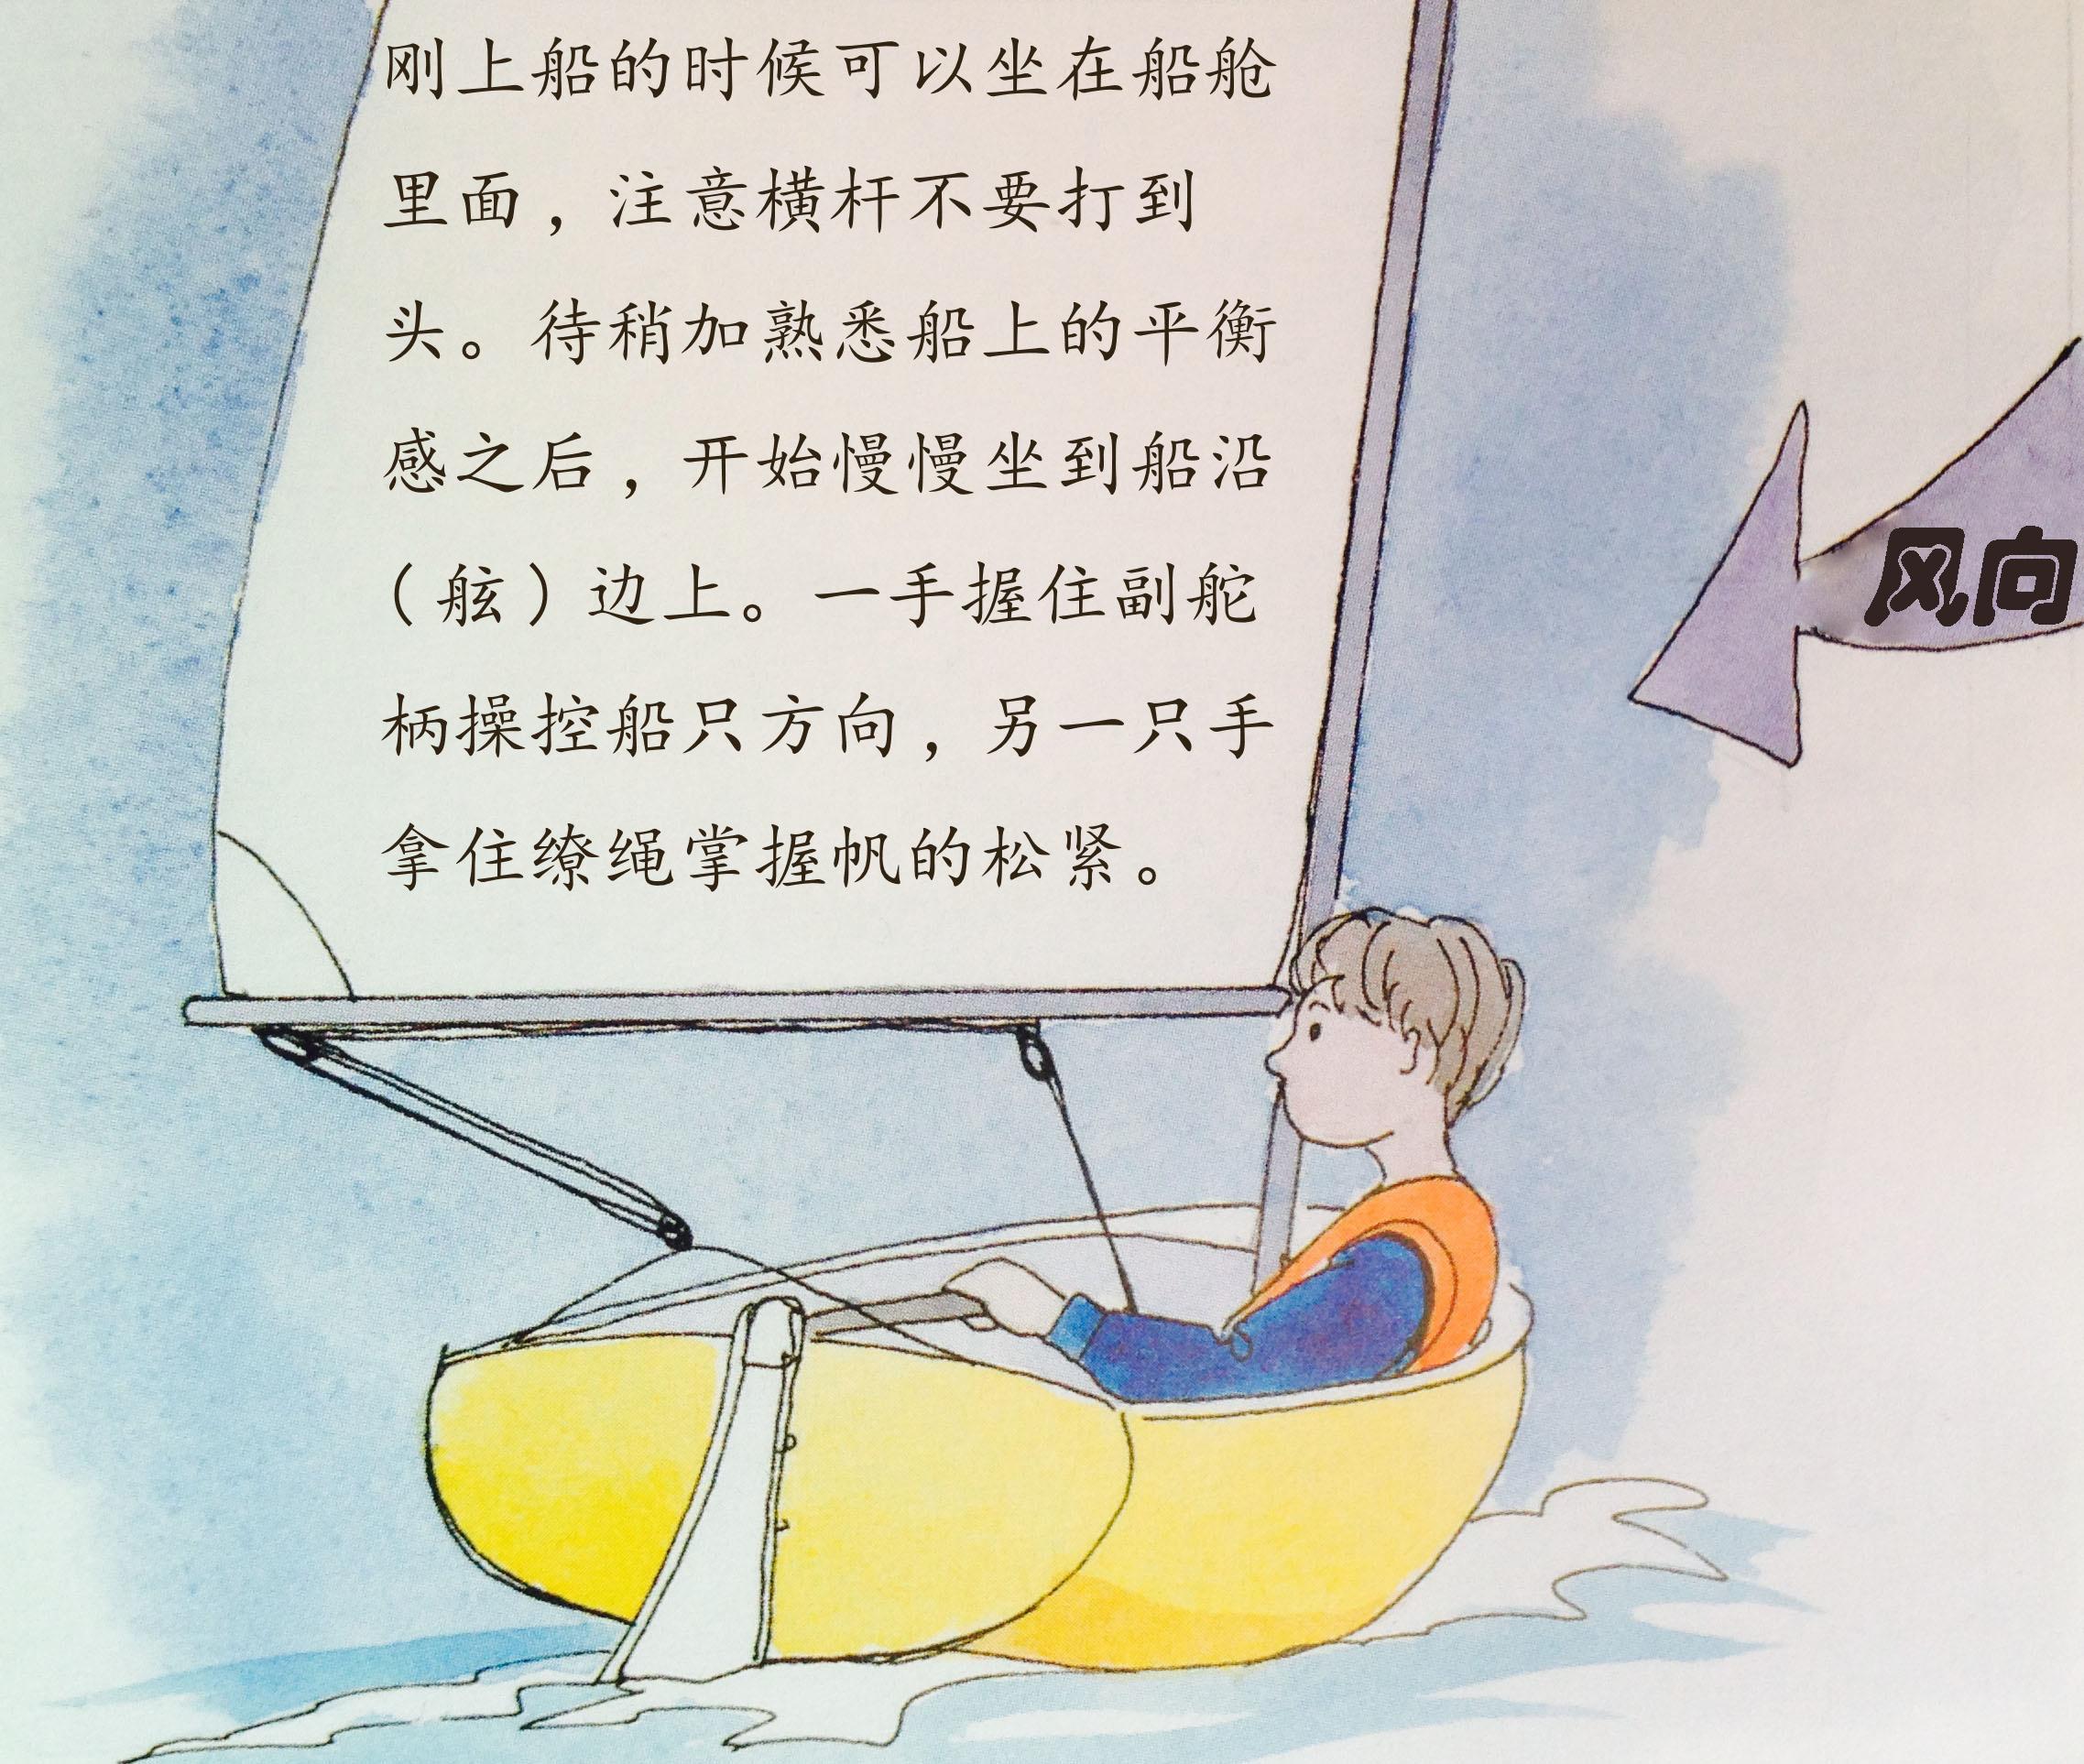 """汽车 船上有两人以上时,掌舵的人叫""""舵手,控制缭绳的人叫""""缭手"""",其他人统称船员。 7b.jpg"""